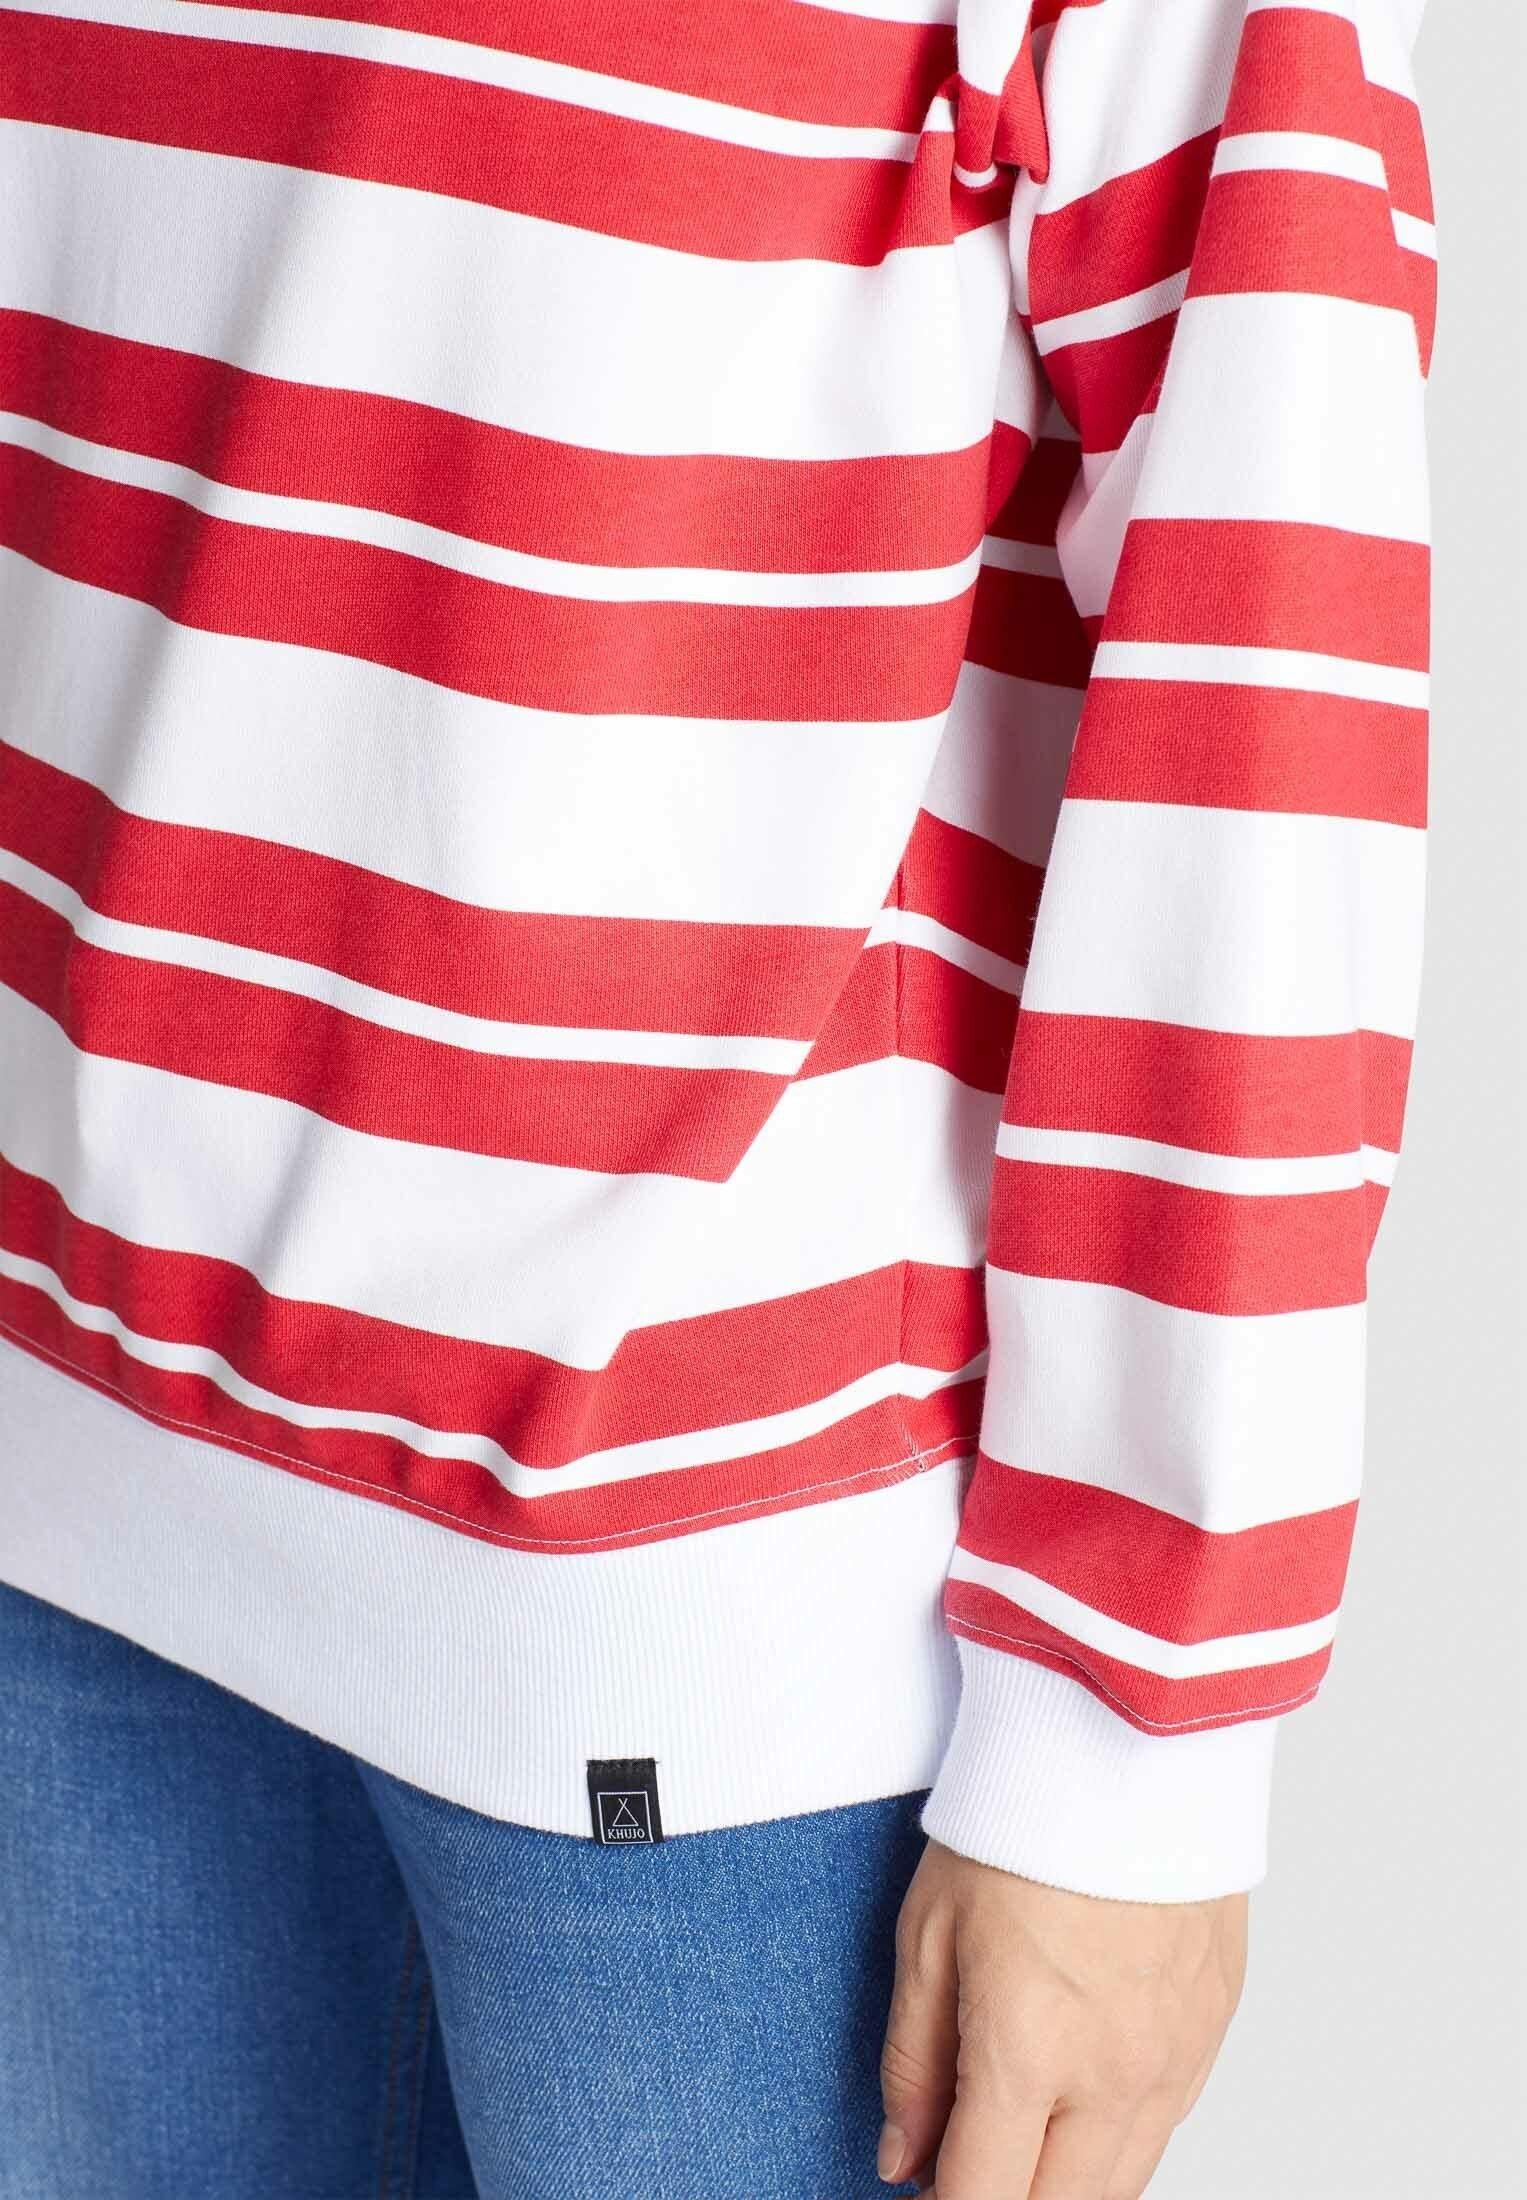 Khujo Felpa - Rot-weiß Gestreift fa6Y1